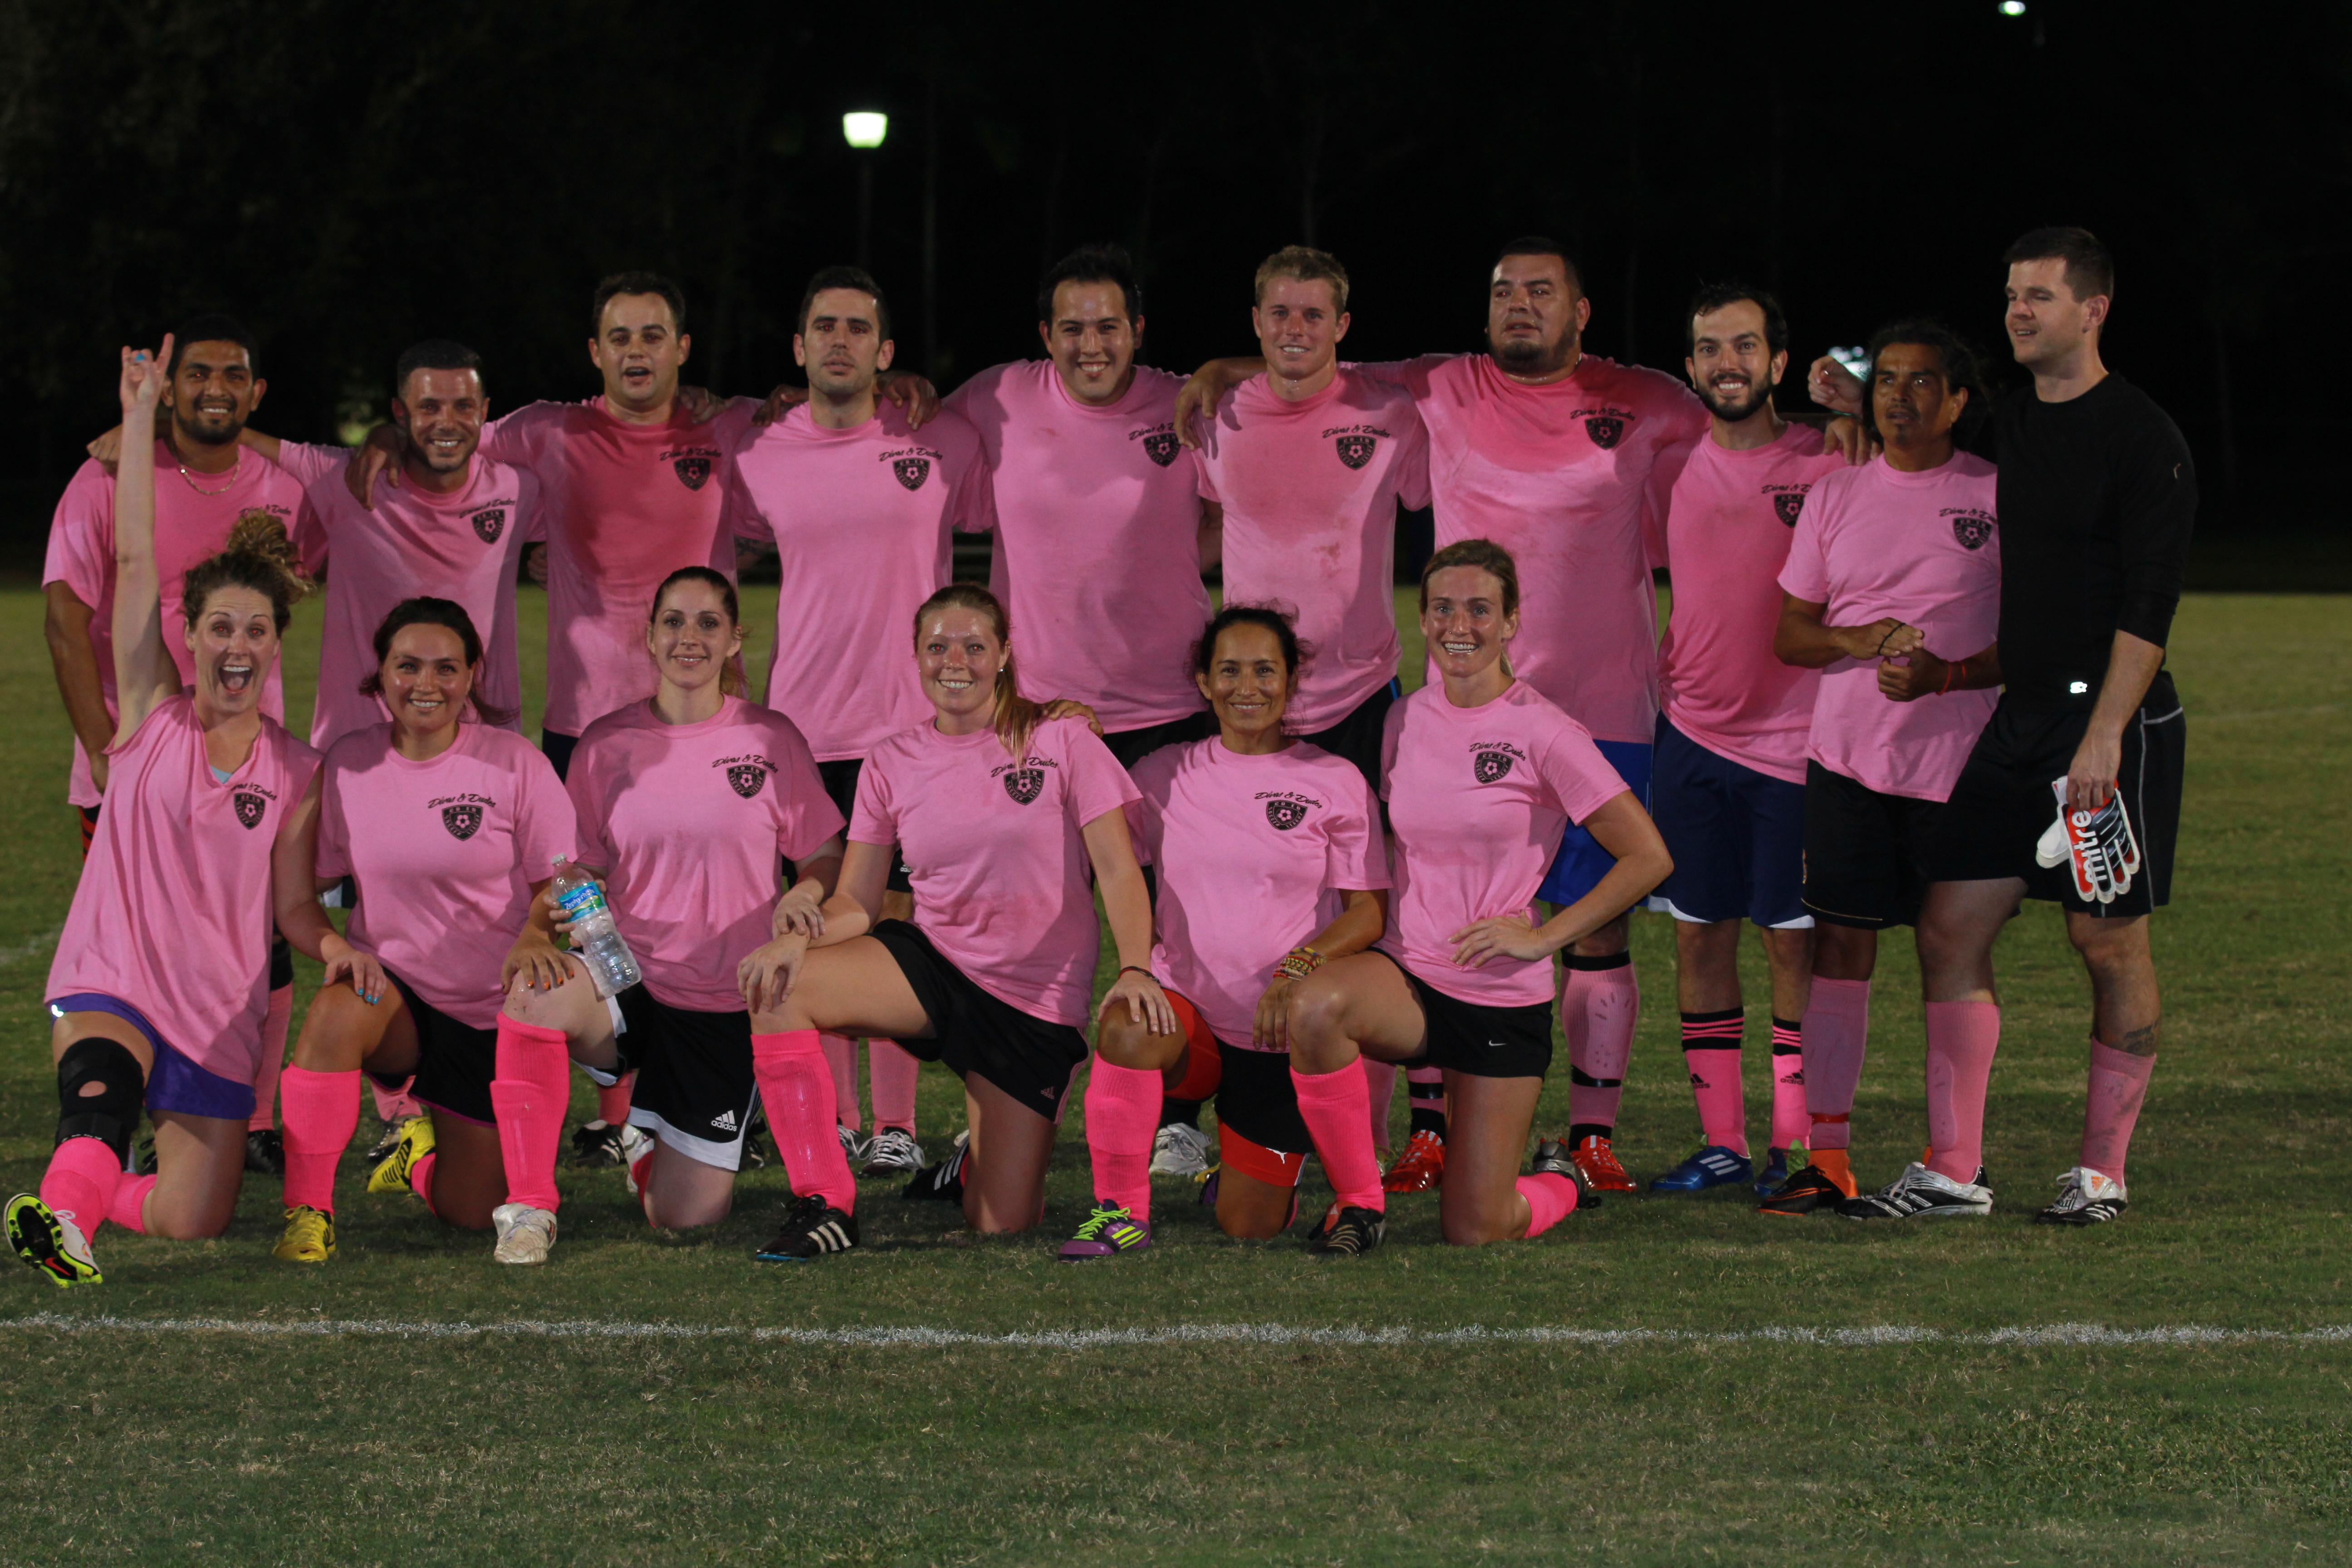 Co-Ed League Flippin Flamingo's